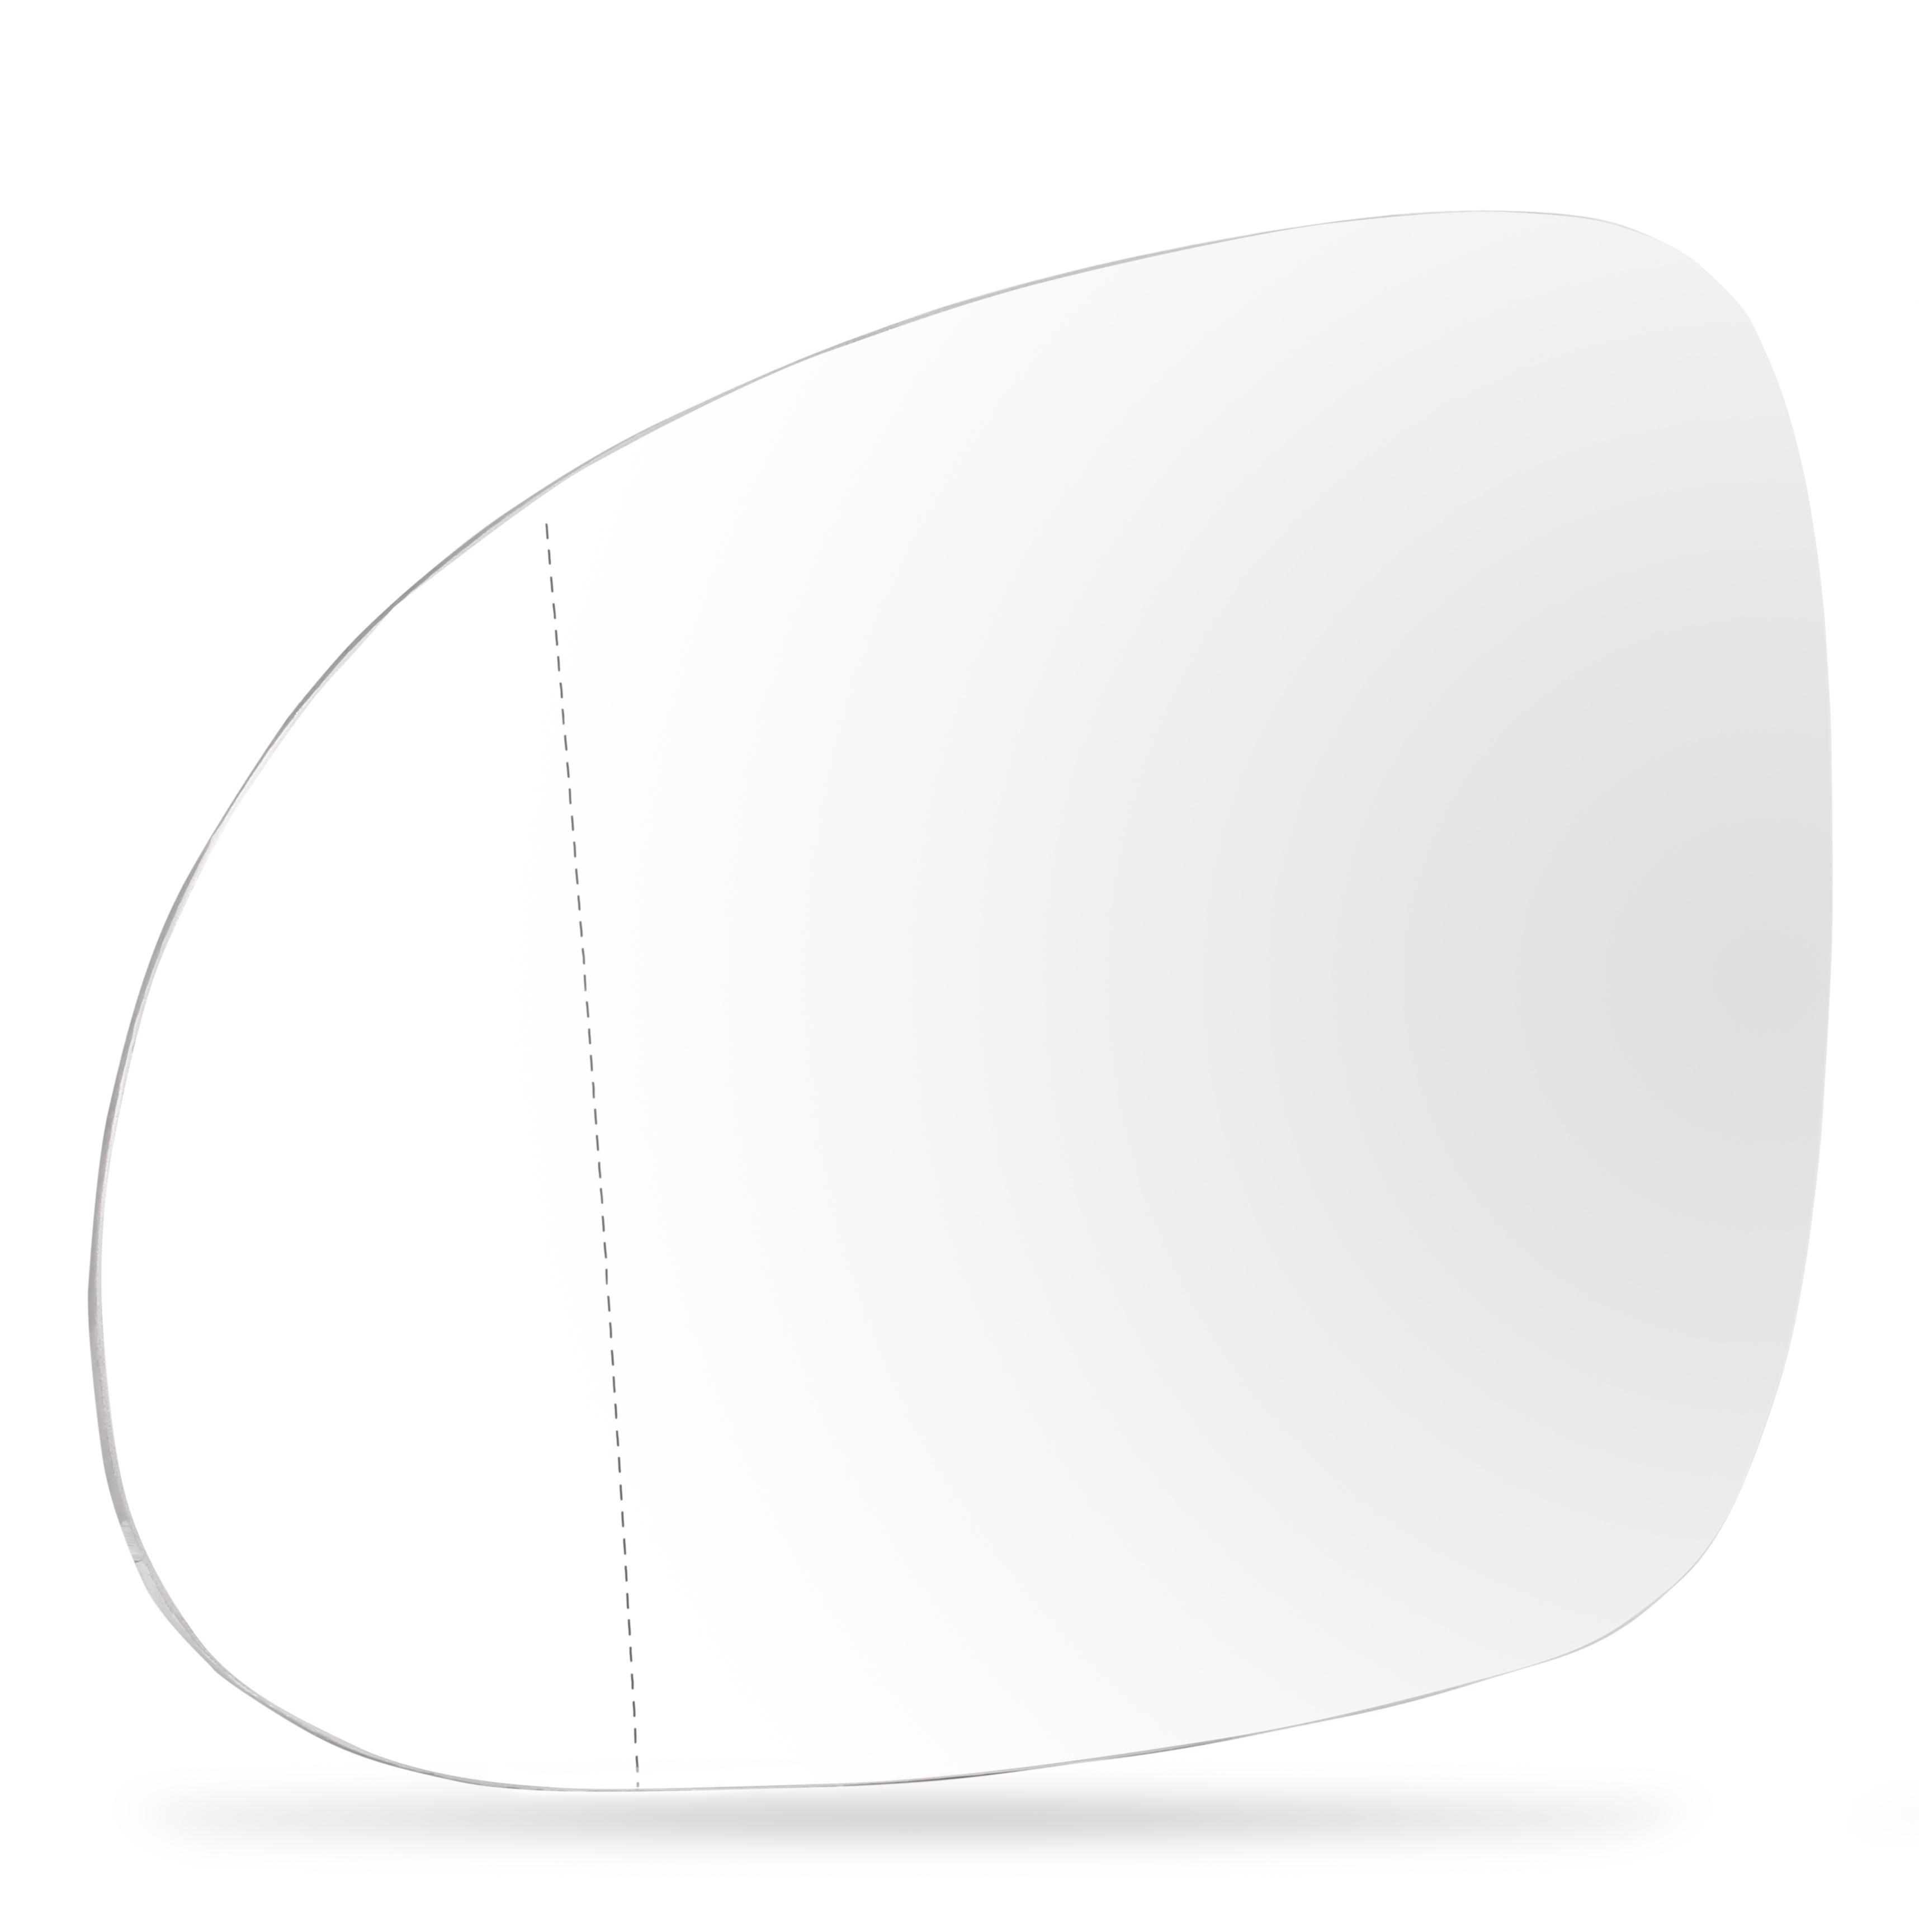 Spiegelglas PRASCO VW5207504 Bewertung